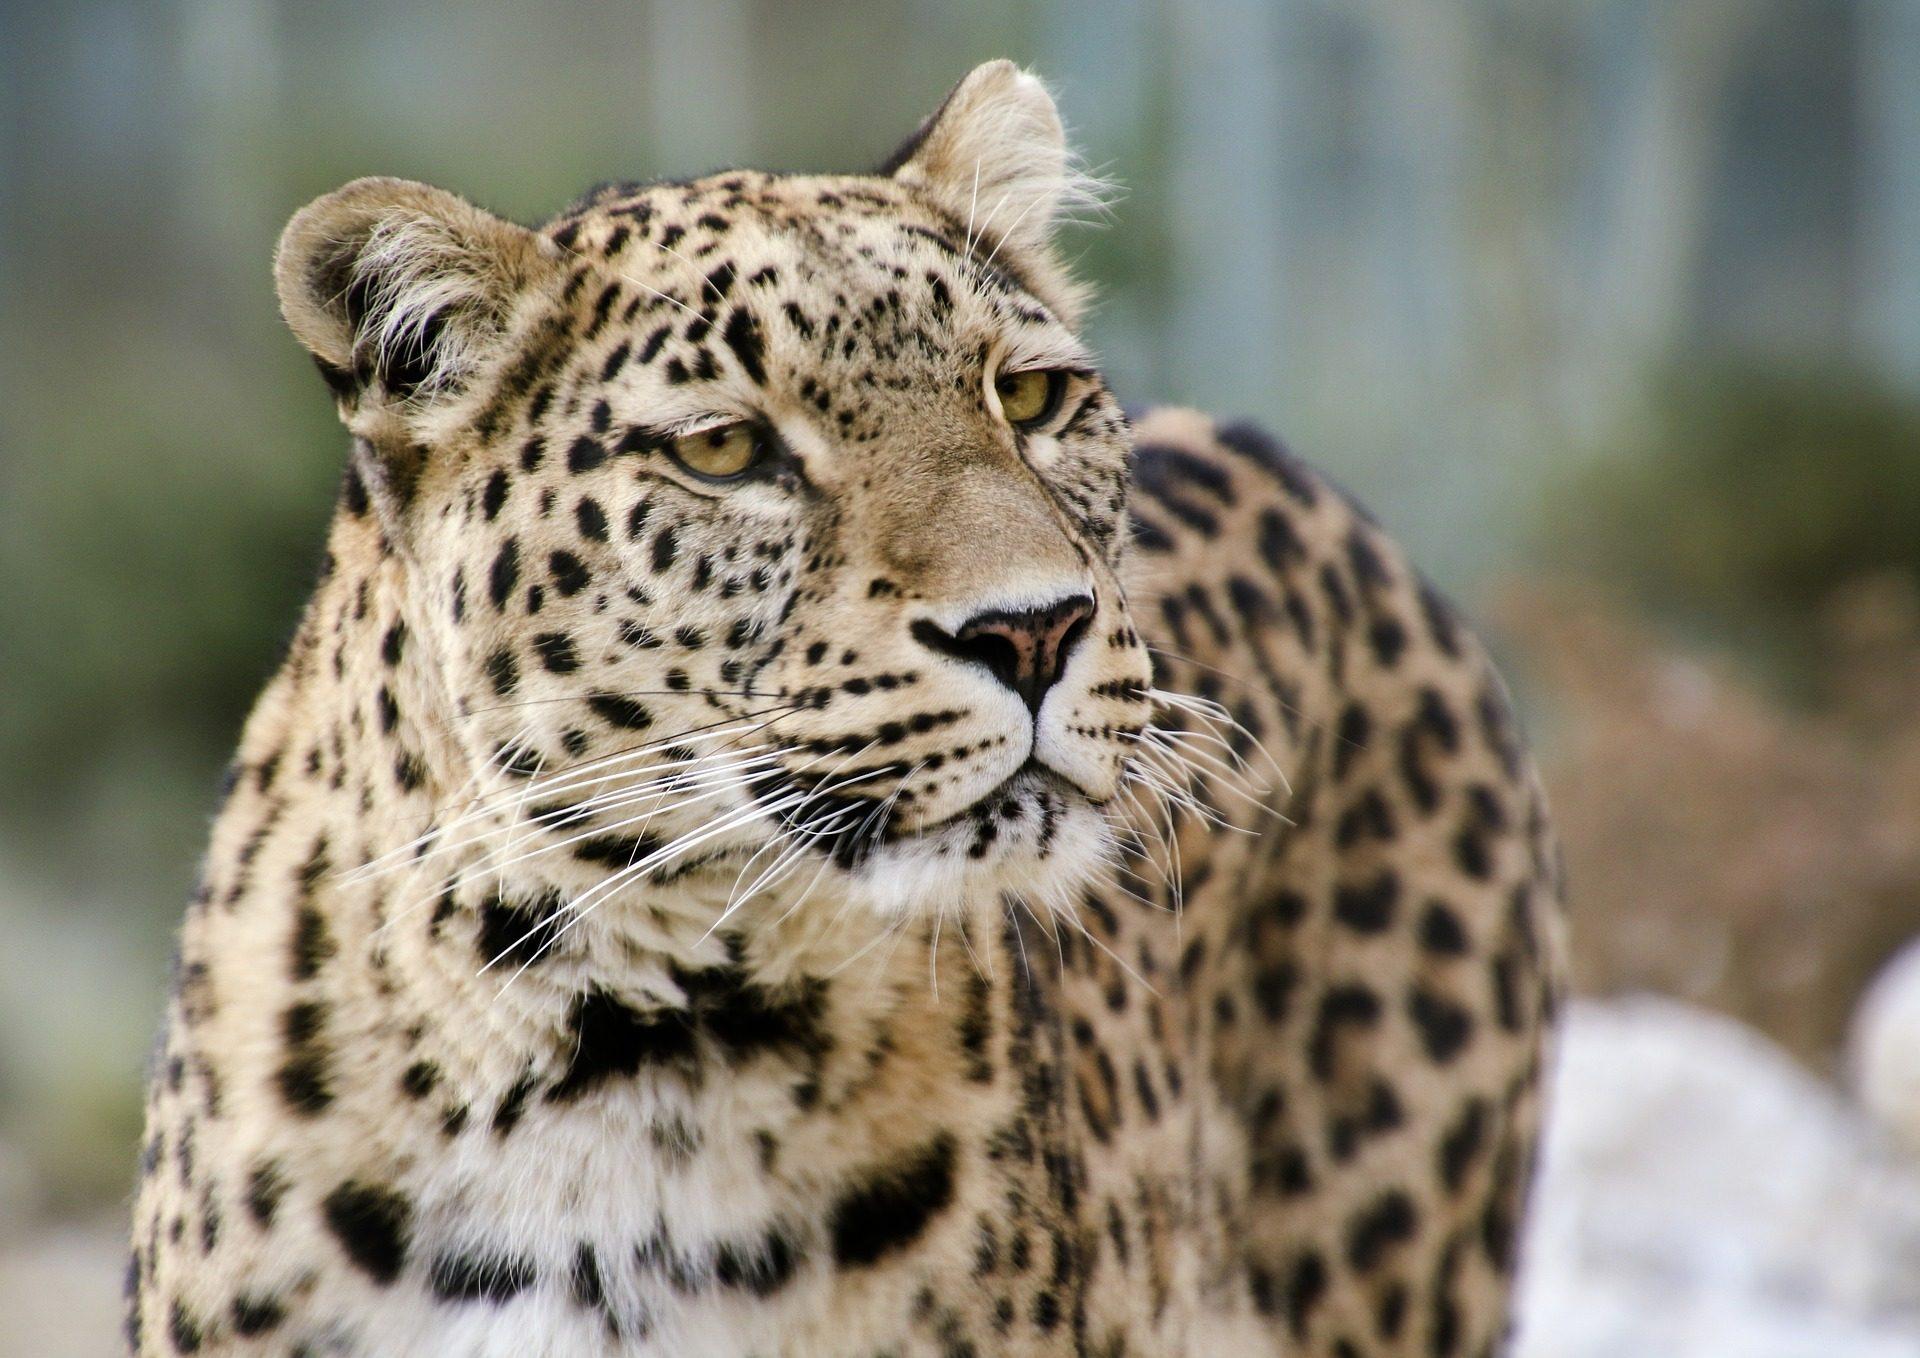 Leopardo, felino, Predator, pelliccia, moteado, baffi - Sfondi HD - Professor-falken.com